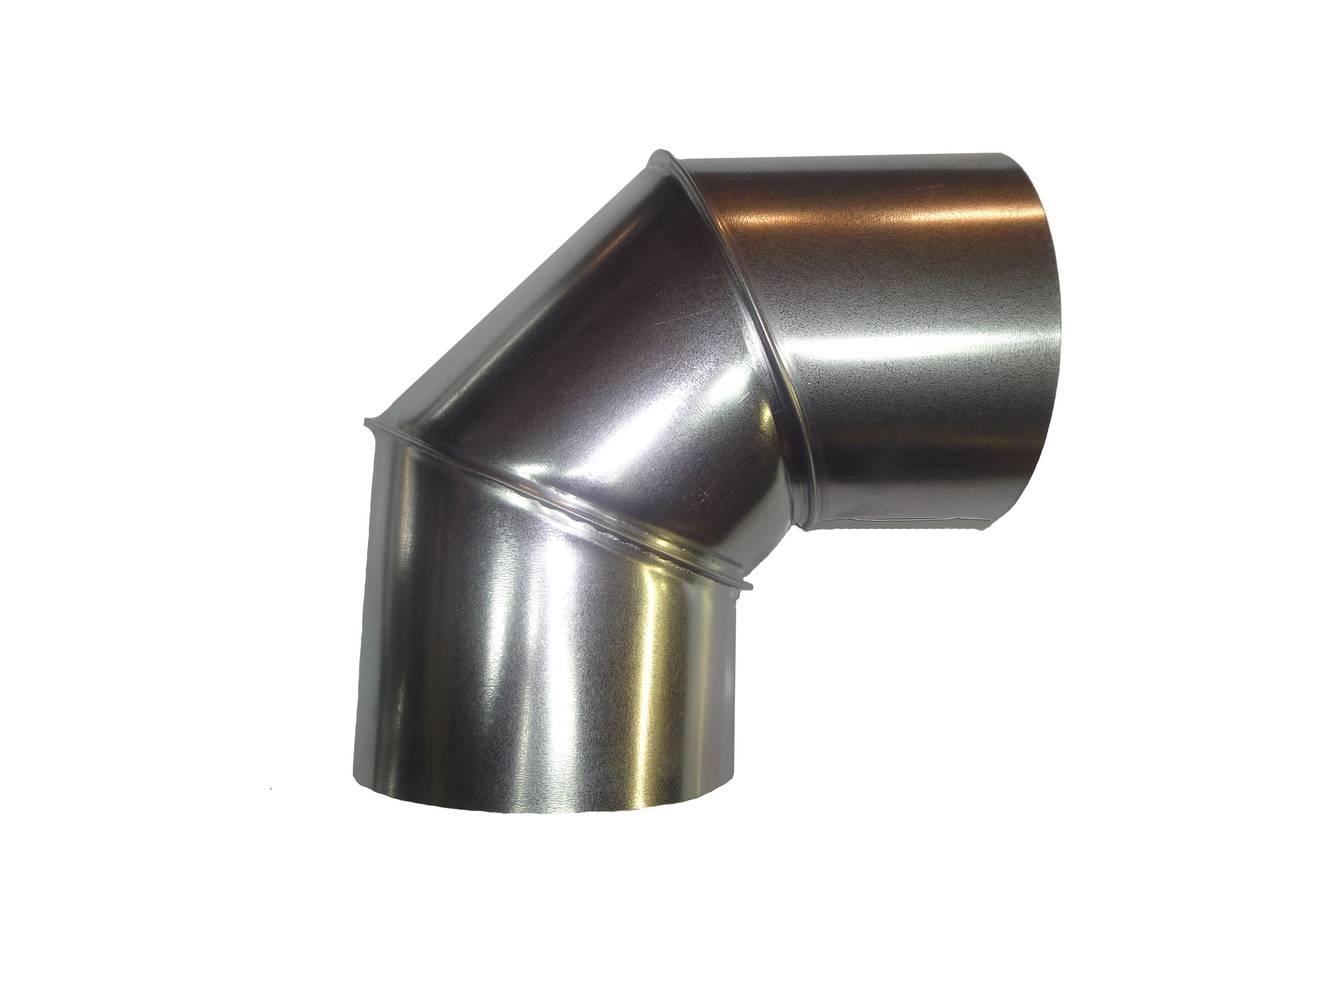 квартирах посуточно купить жестяную трубу из оцинкованной стали в красноярске она называется